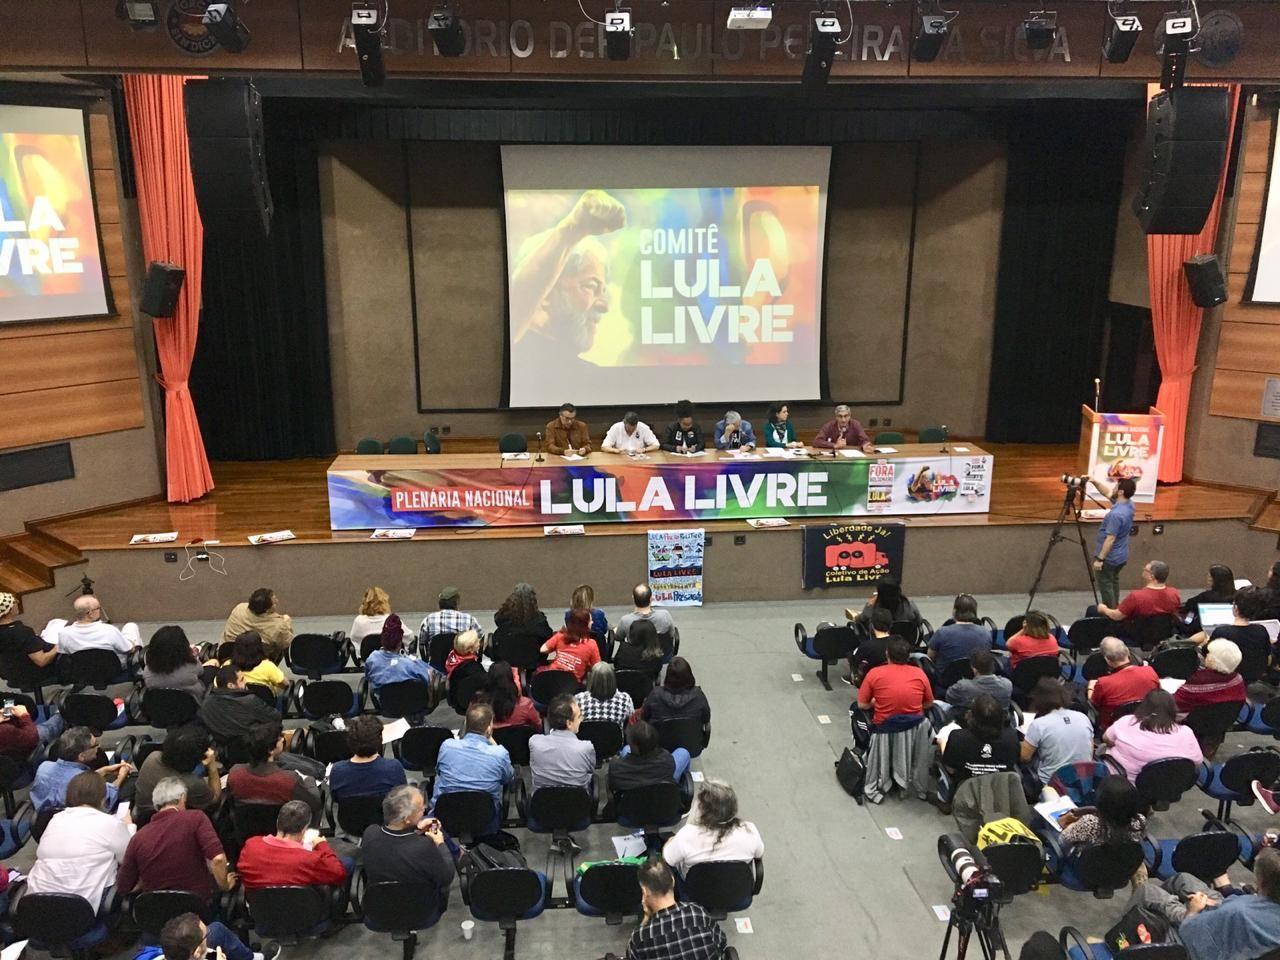 Mais de 300 pessoas participaram da plenária Lula Livre em São Paulo (SP), no último sábado (22) - Créditos: Paulo Pinto / PT